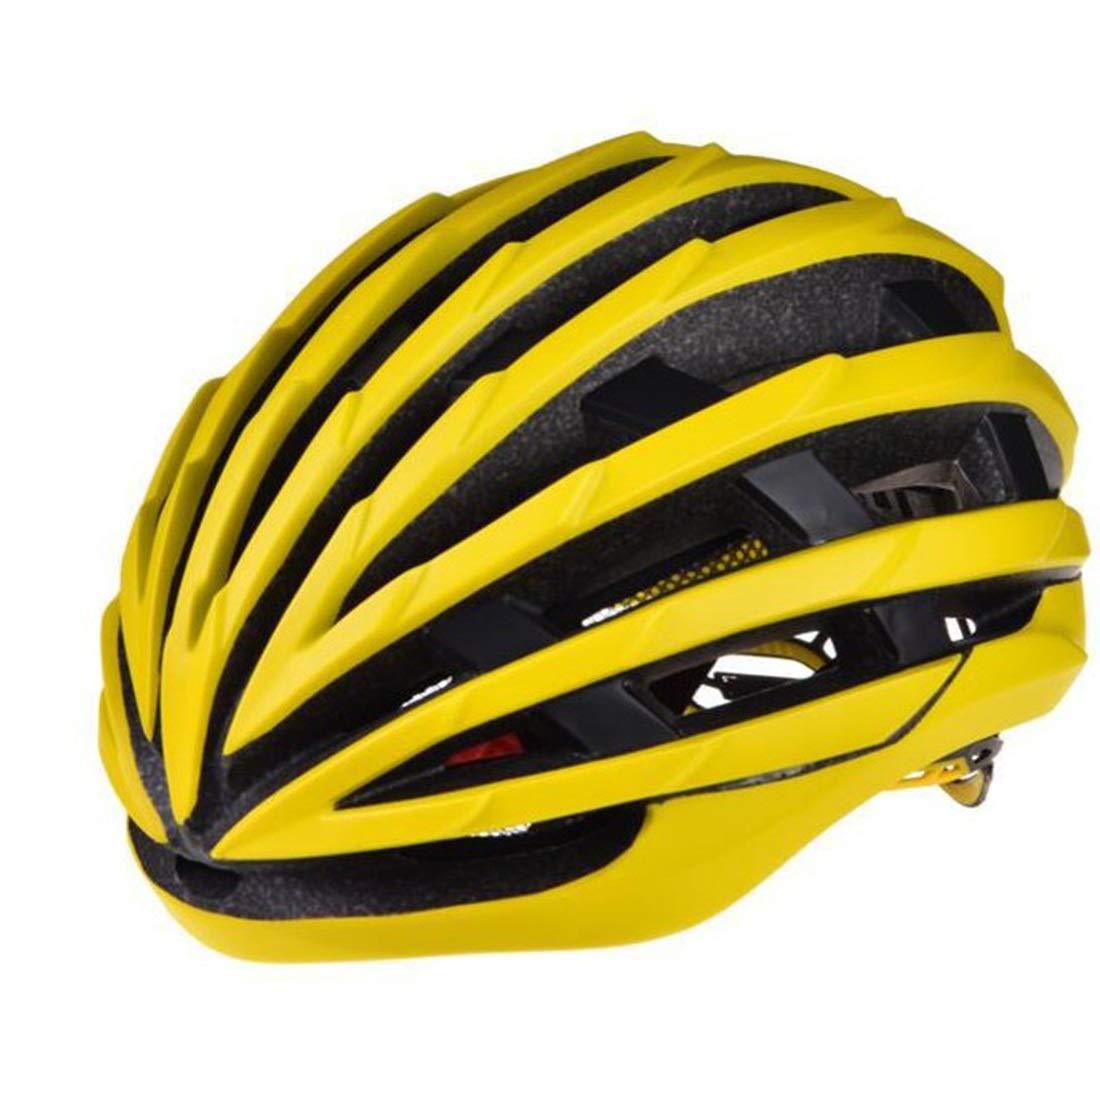 万全区孔家庄镇美衣社女装店 自転車用ヘルメット、屋外用サイクリング愛好家に最適な自転車用安全ヘルメット。 (色 : イエロー)  イエロー B07RLJYBM1